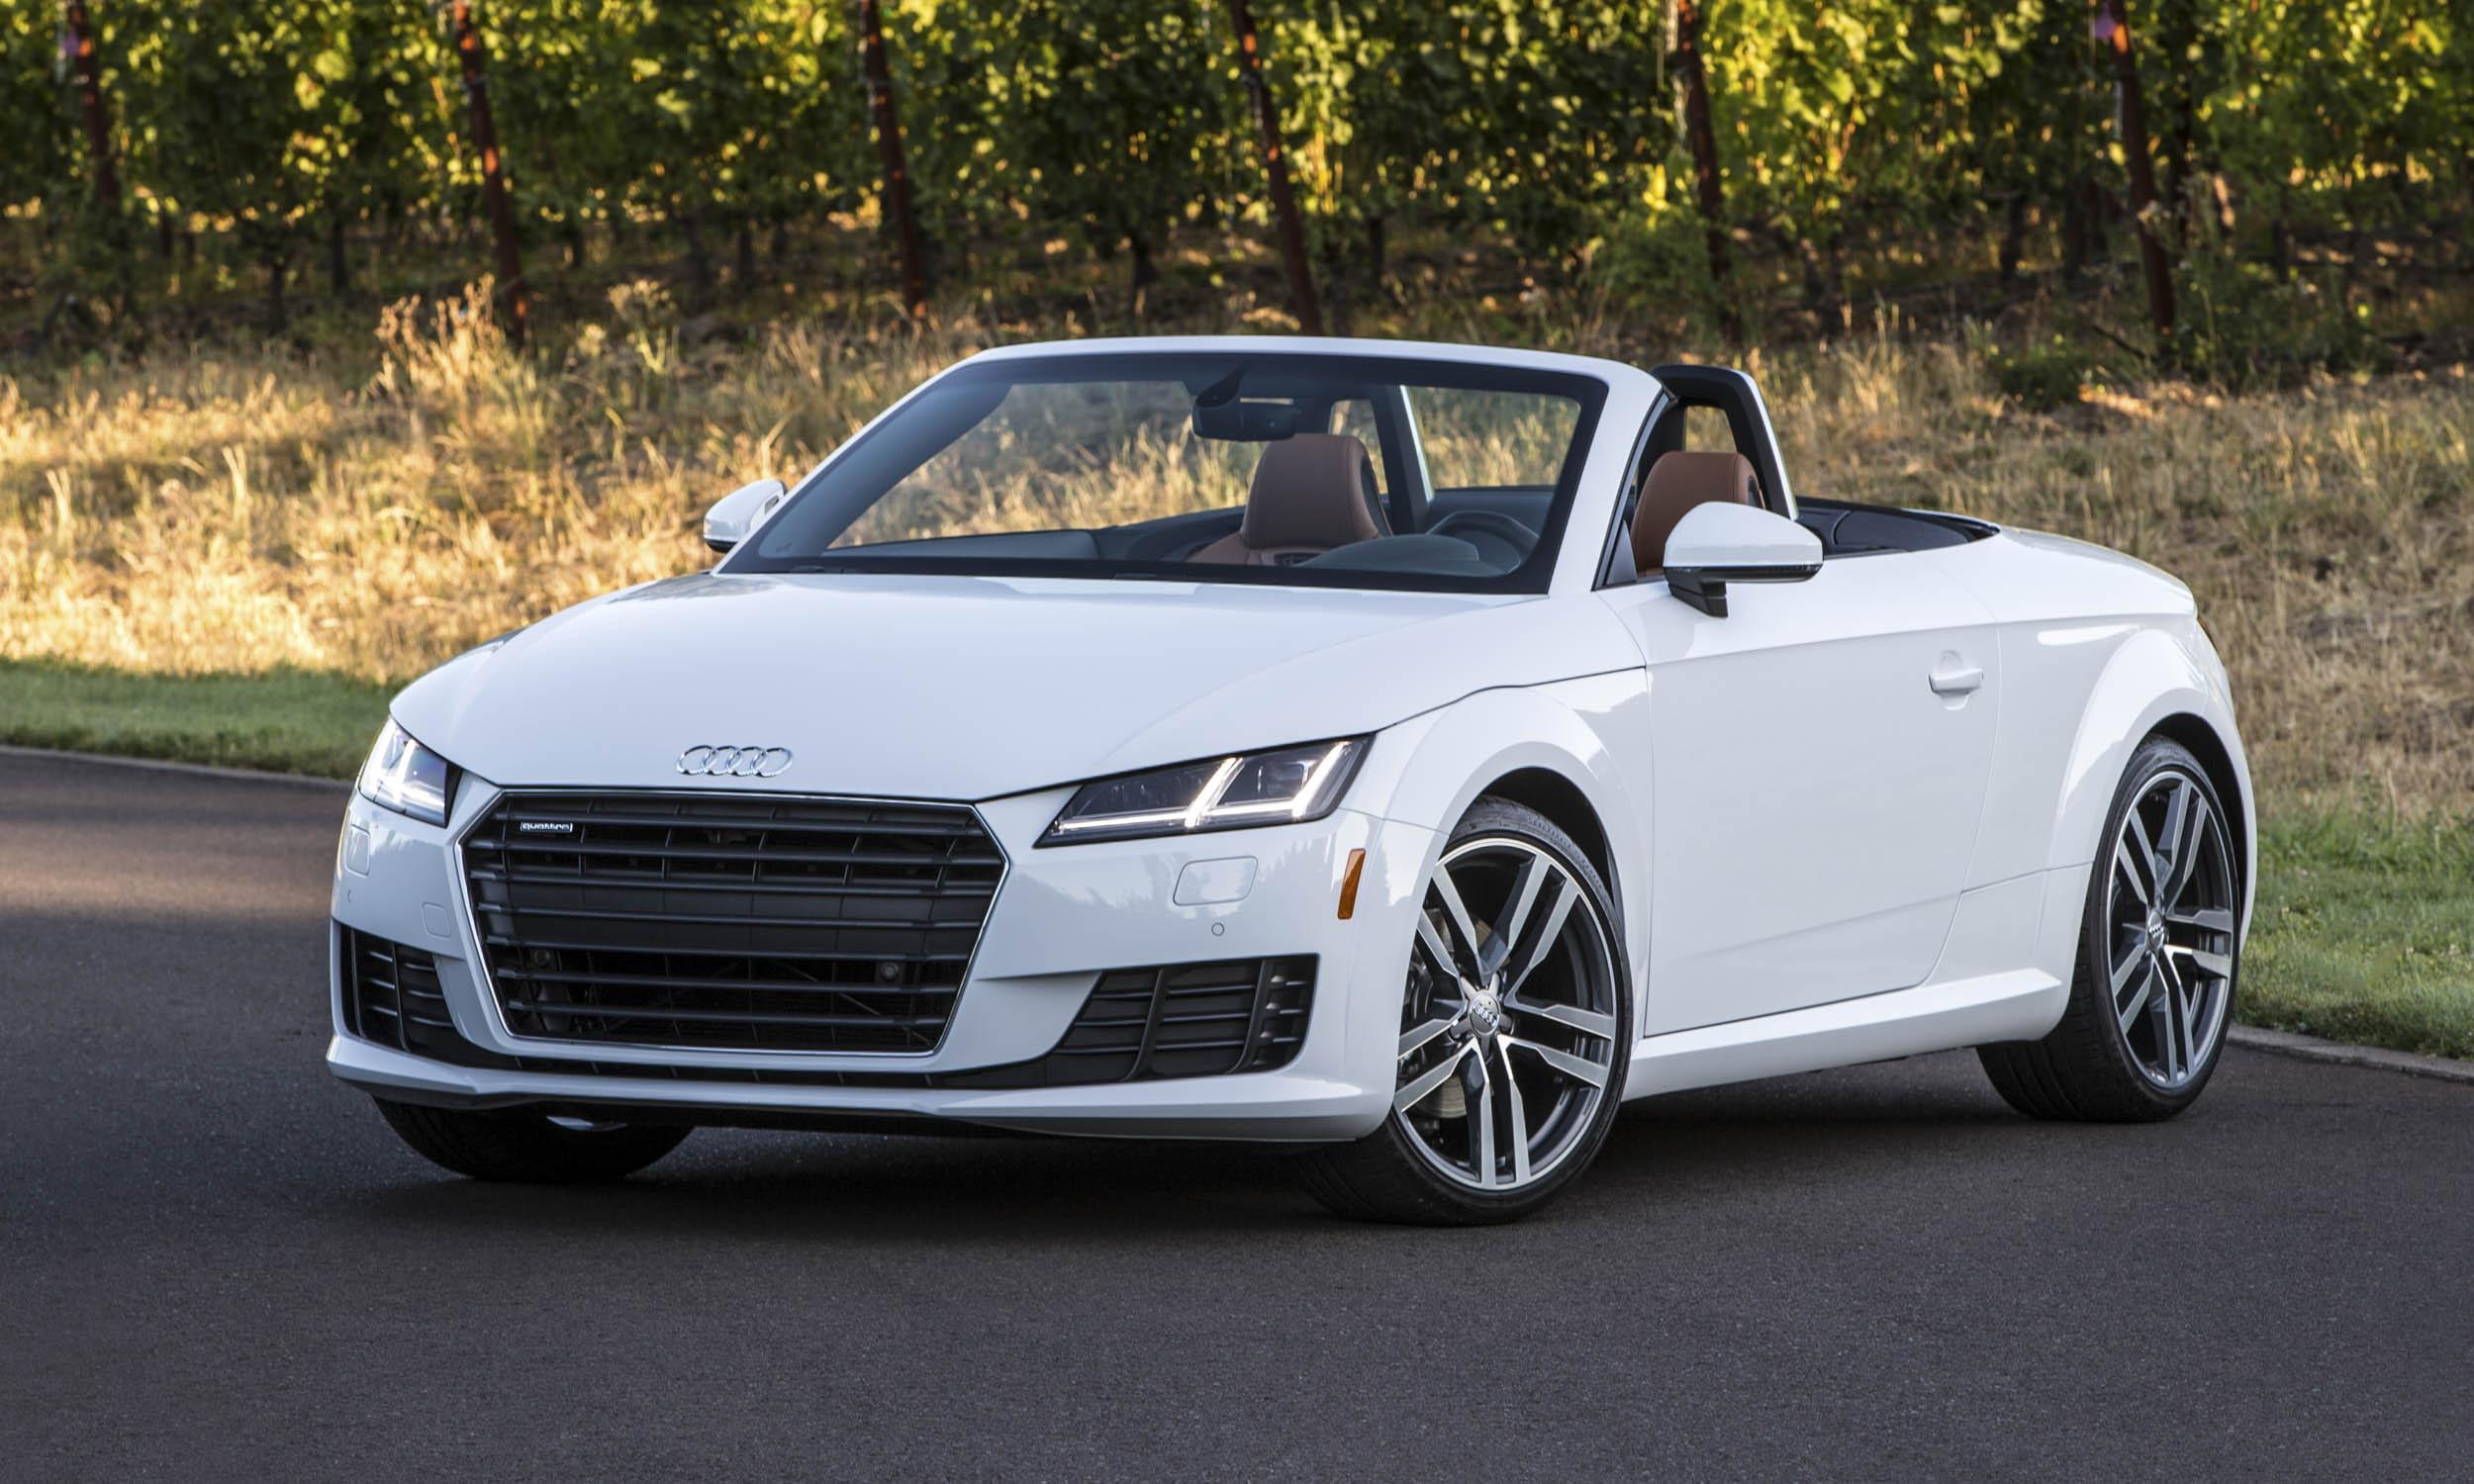 2016 Audi Tt First Drive Review 187 Autonxt